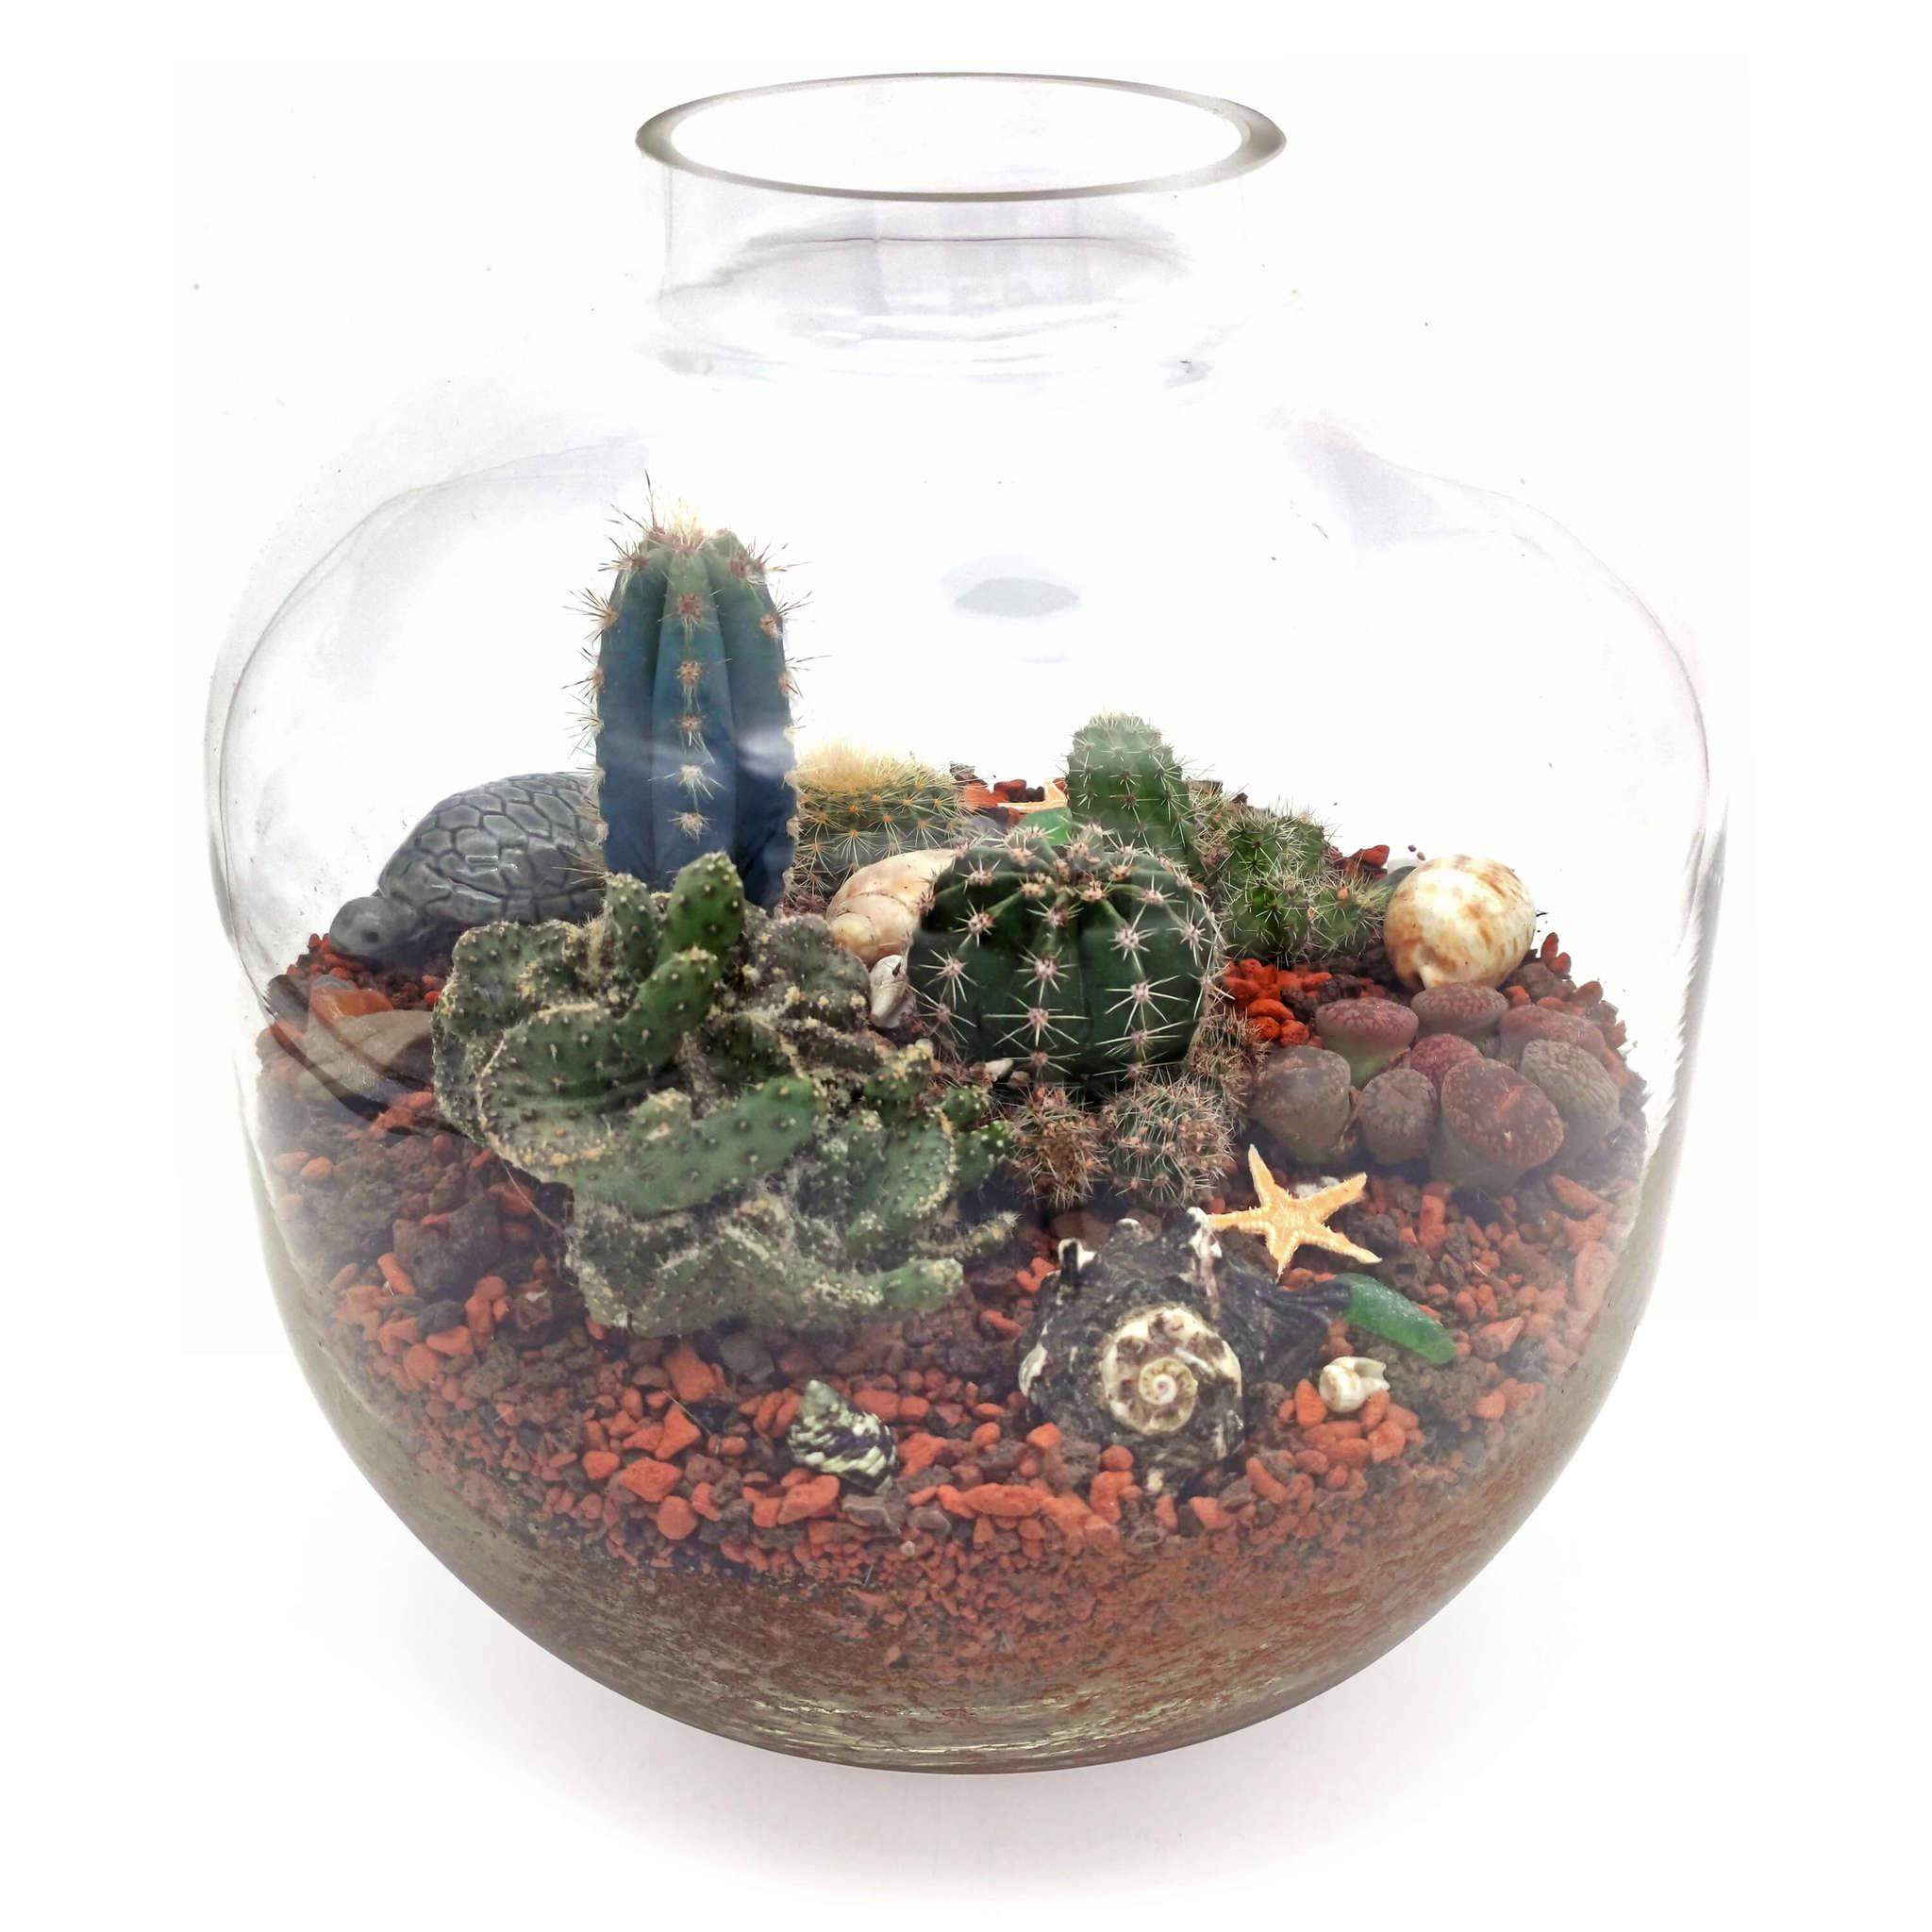 Композиция с живыми кактусами в стекле - Чарские Пески